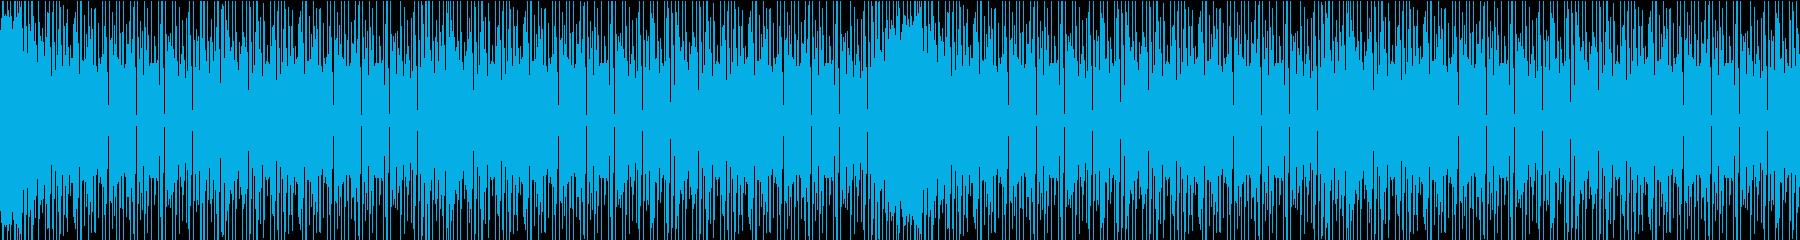 ハウスミュージック (Loop仕様)の再生済みの波形